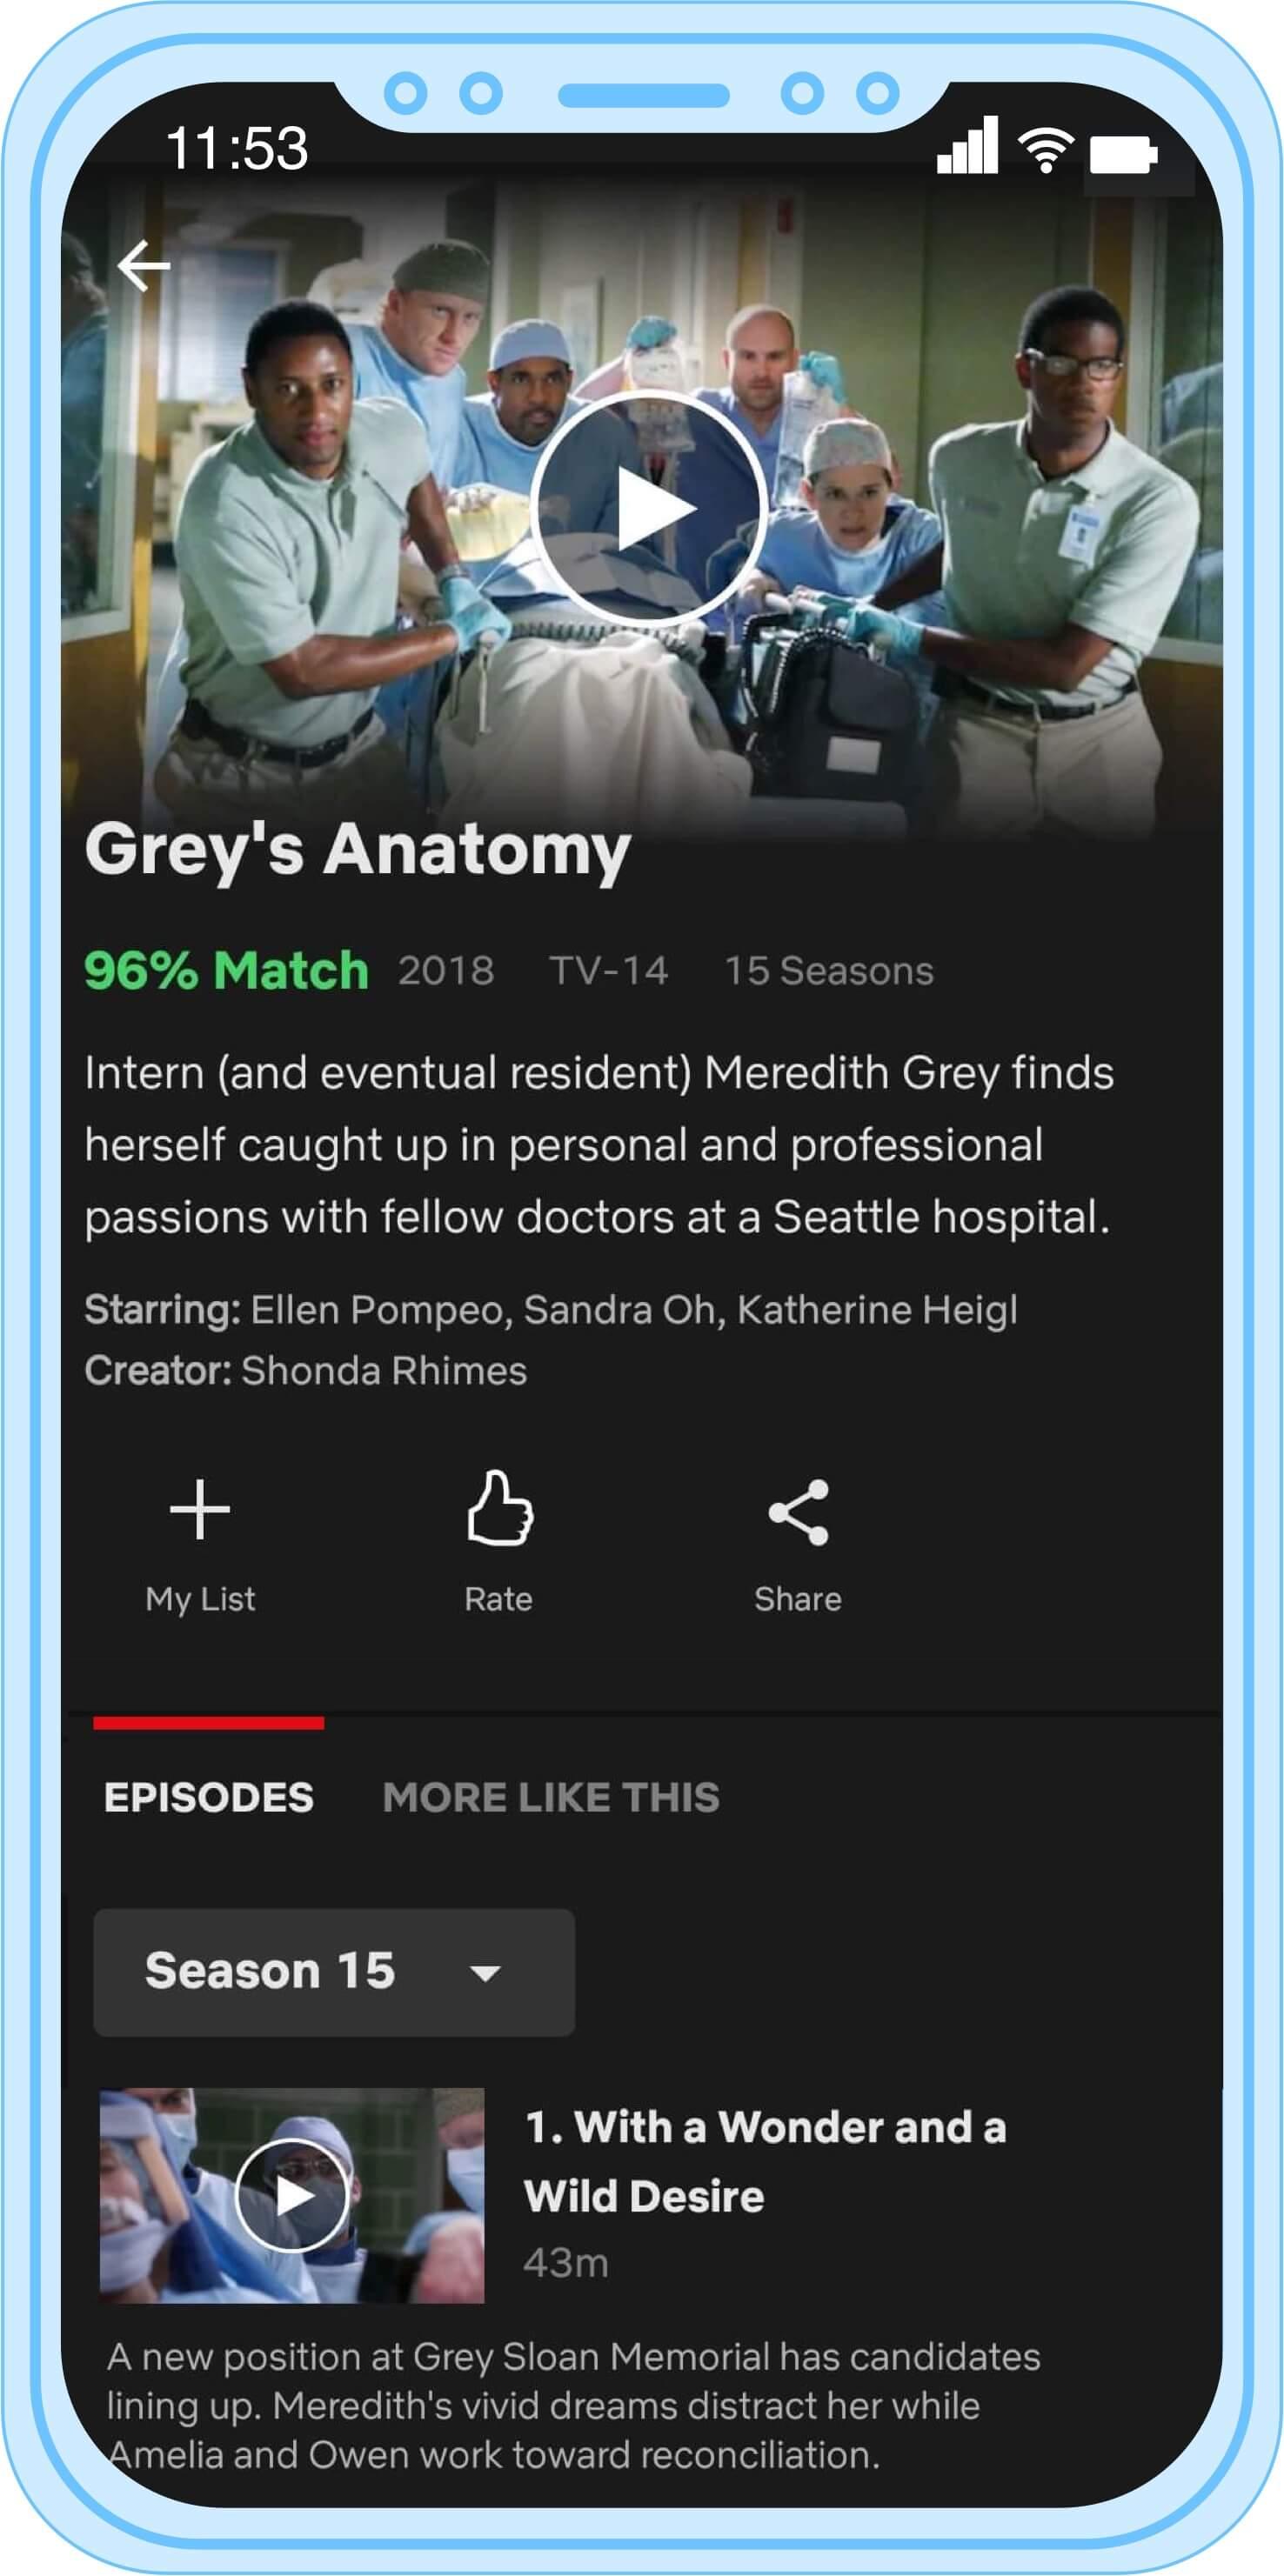 Anatomy watch online free greys Grey's Anatomy